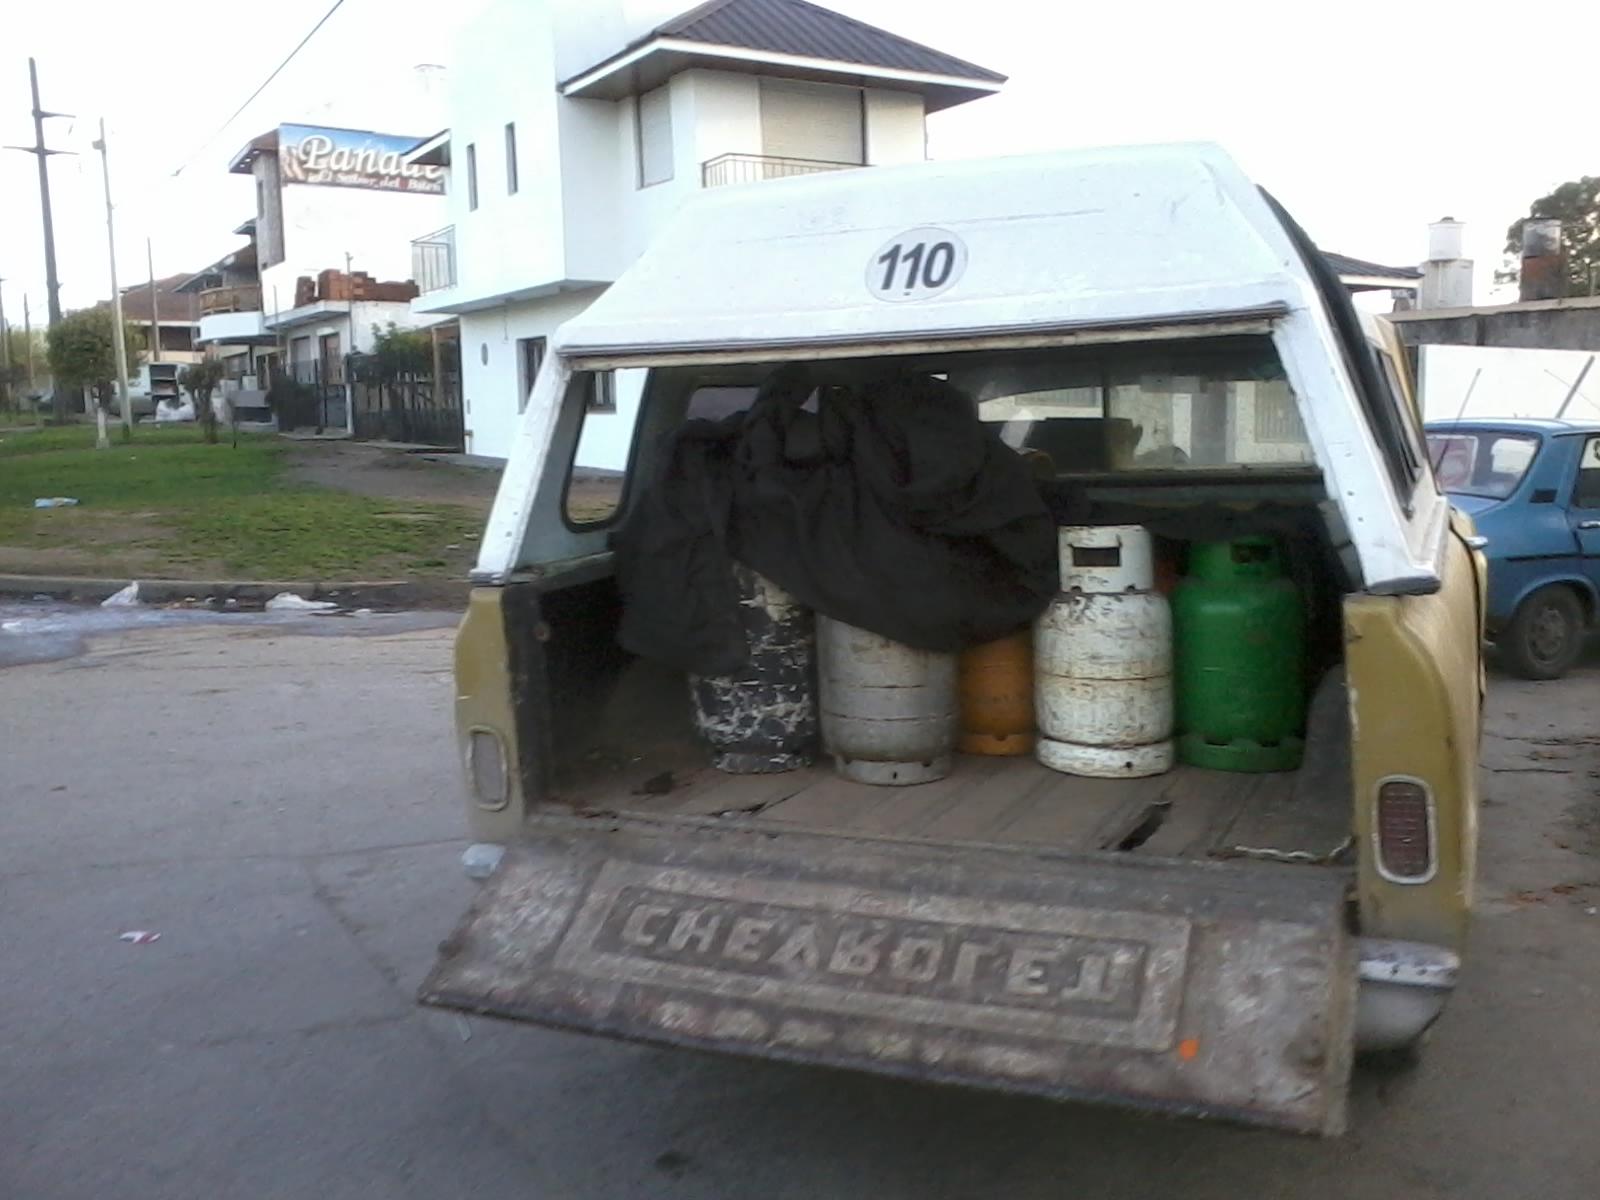 Fotos_MGP_-_Control_-_Secuestran_camioneta_con_15_garafas_sociales